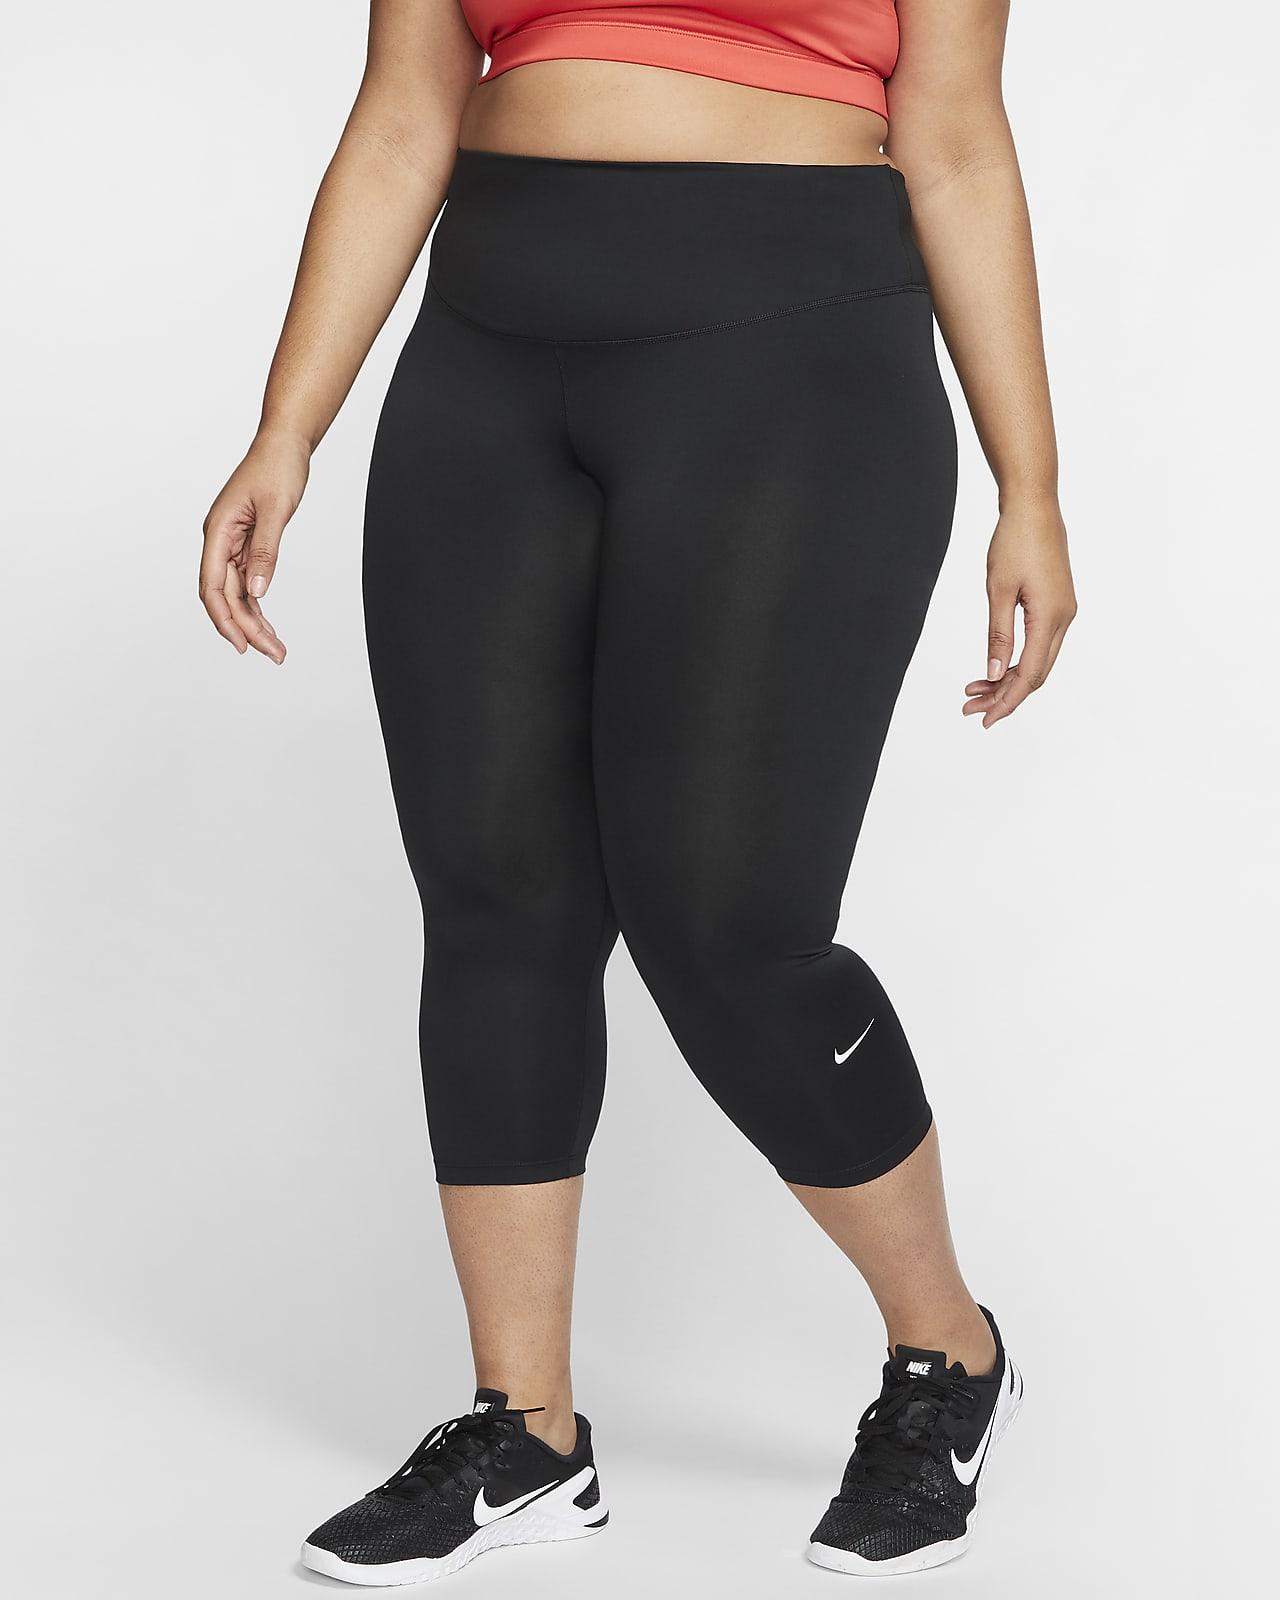 Женские укороченные леггинсы со средней посадкой Nike One (большие размеры)